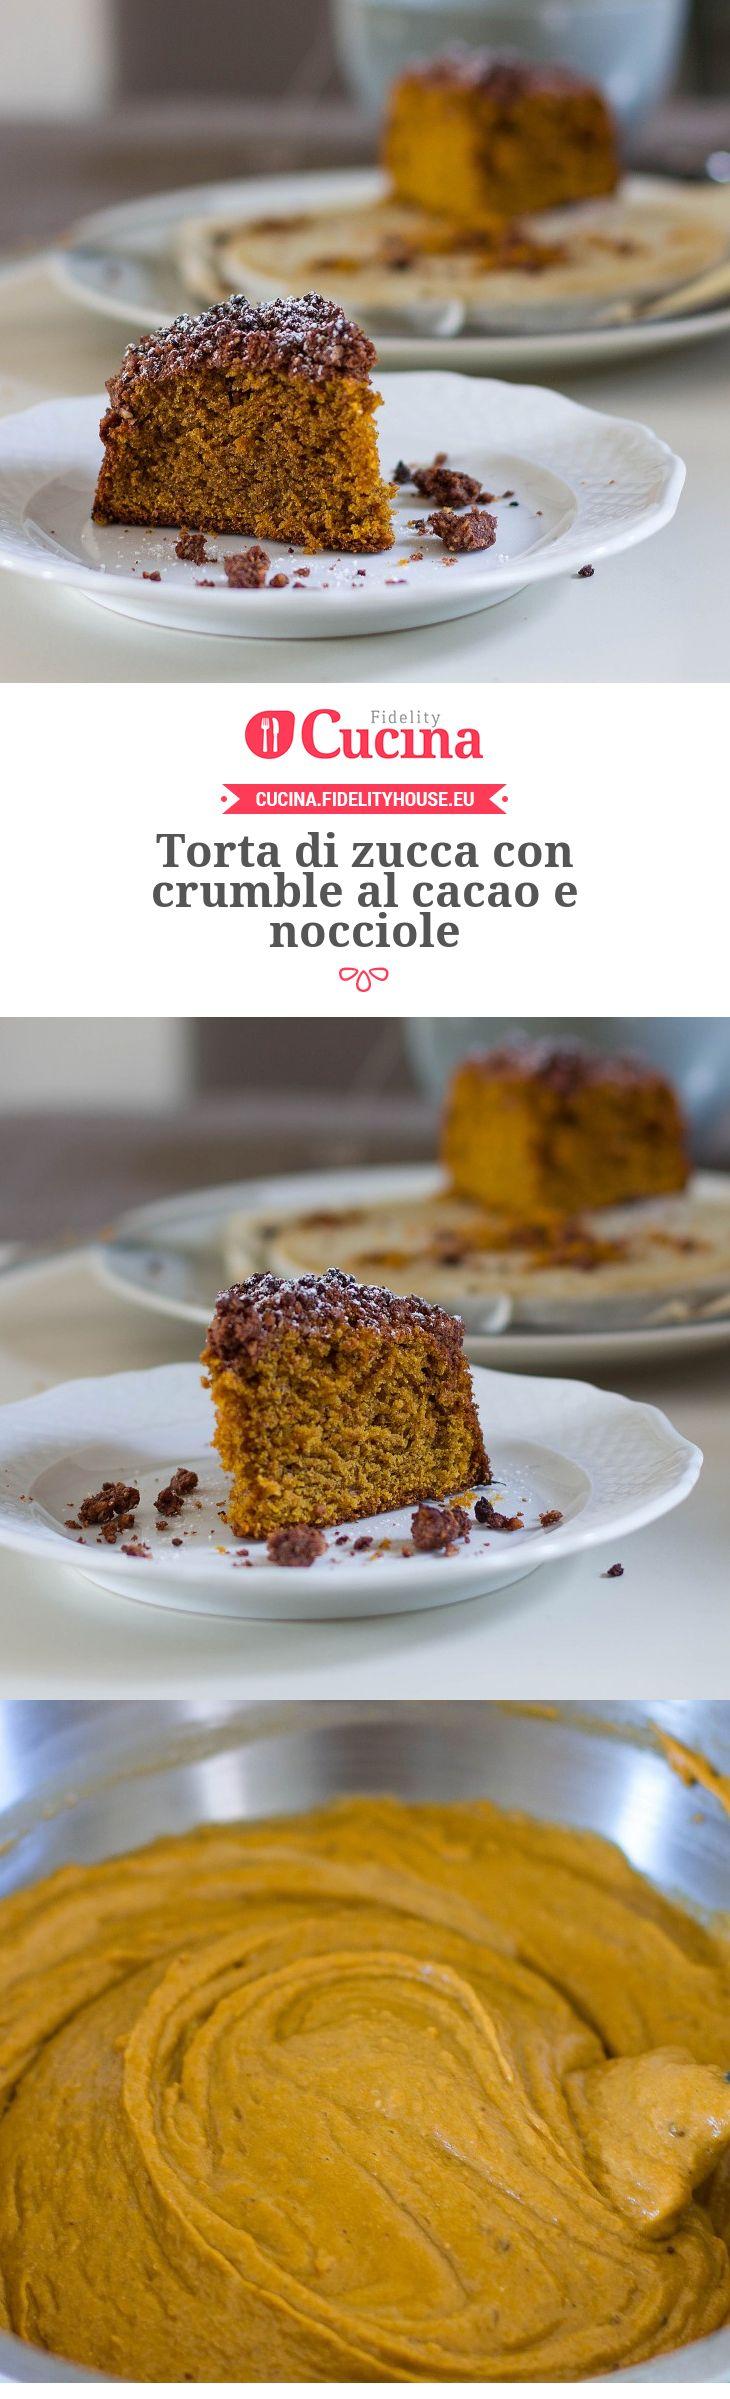 #Torta di #zucca con crumble al #cacao e #nocciole della nostra utente Alessia. Unisciti alla nostra Community ed invia le tue ricette!